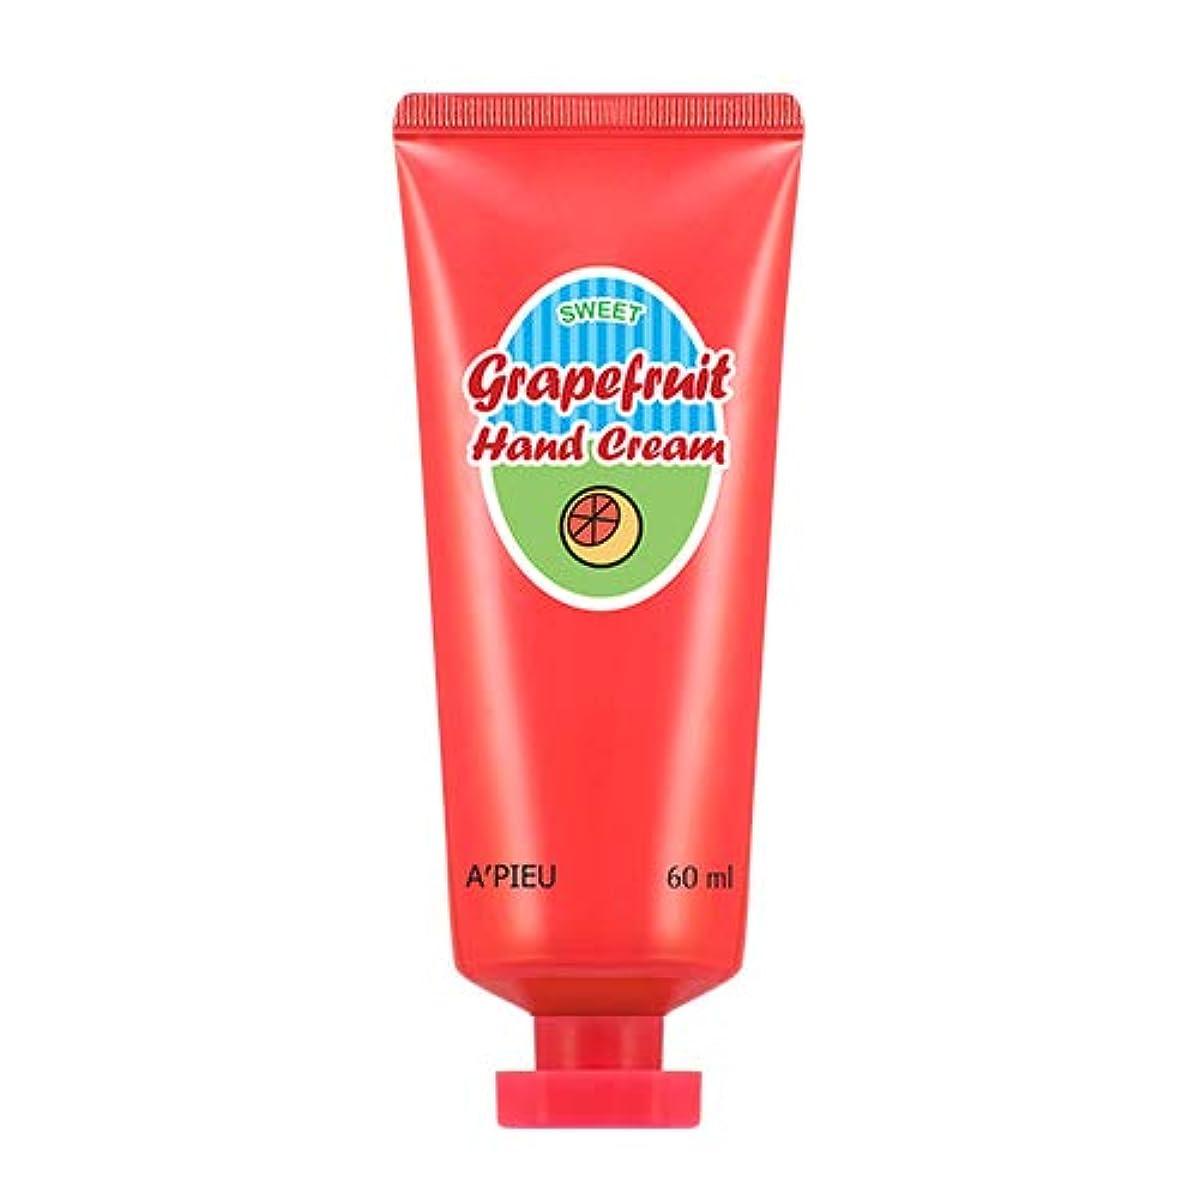 ファイルインド誤解させるAPIEU fruits hand cream アピュ フルーツハンドクリーム (Grapefruit) [並行輸入品]